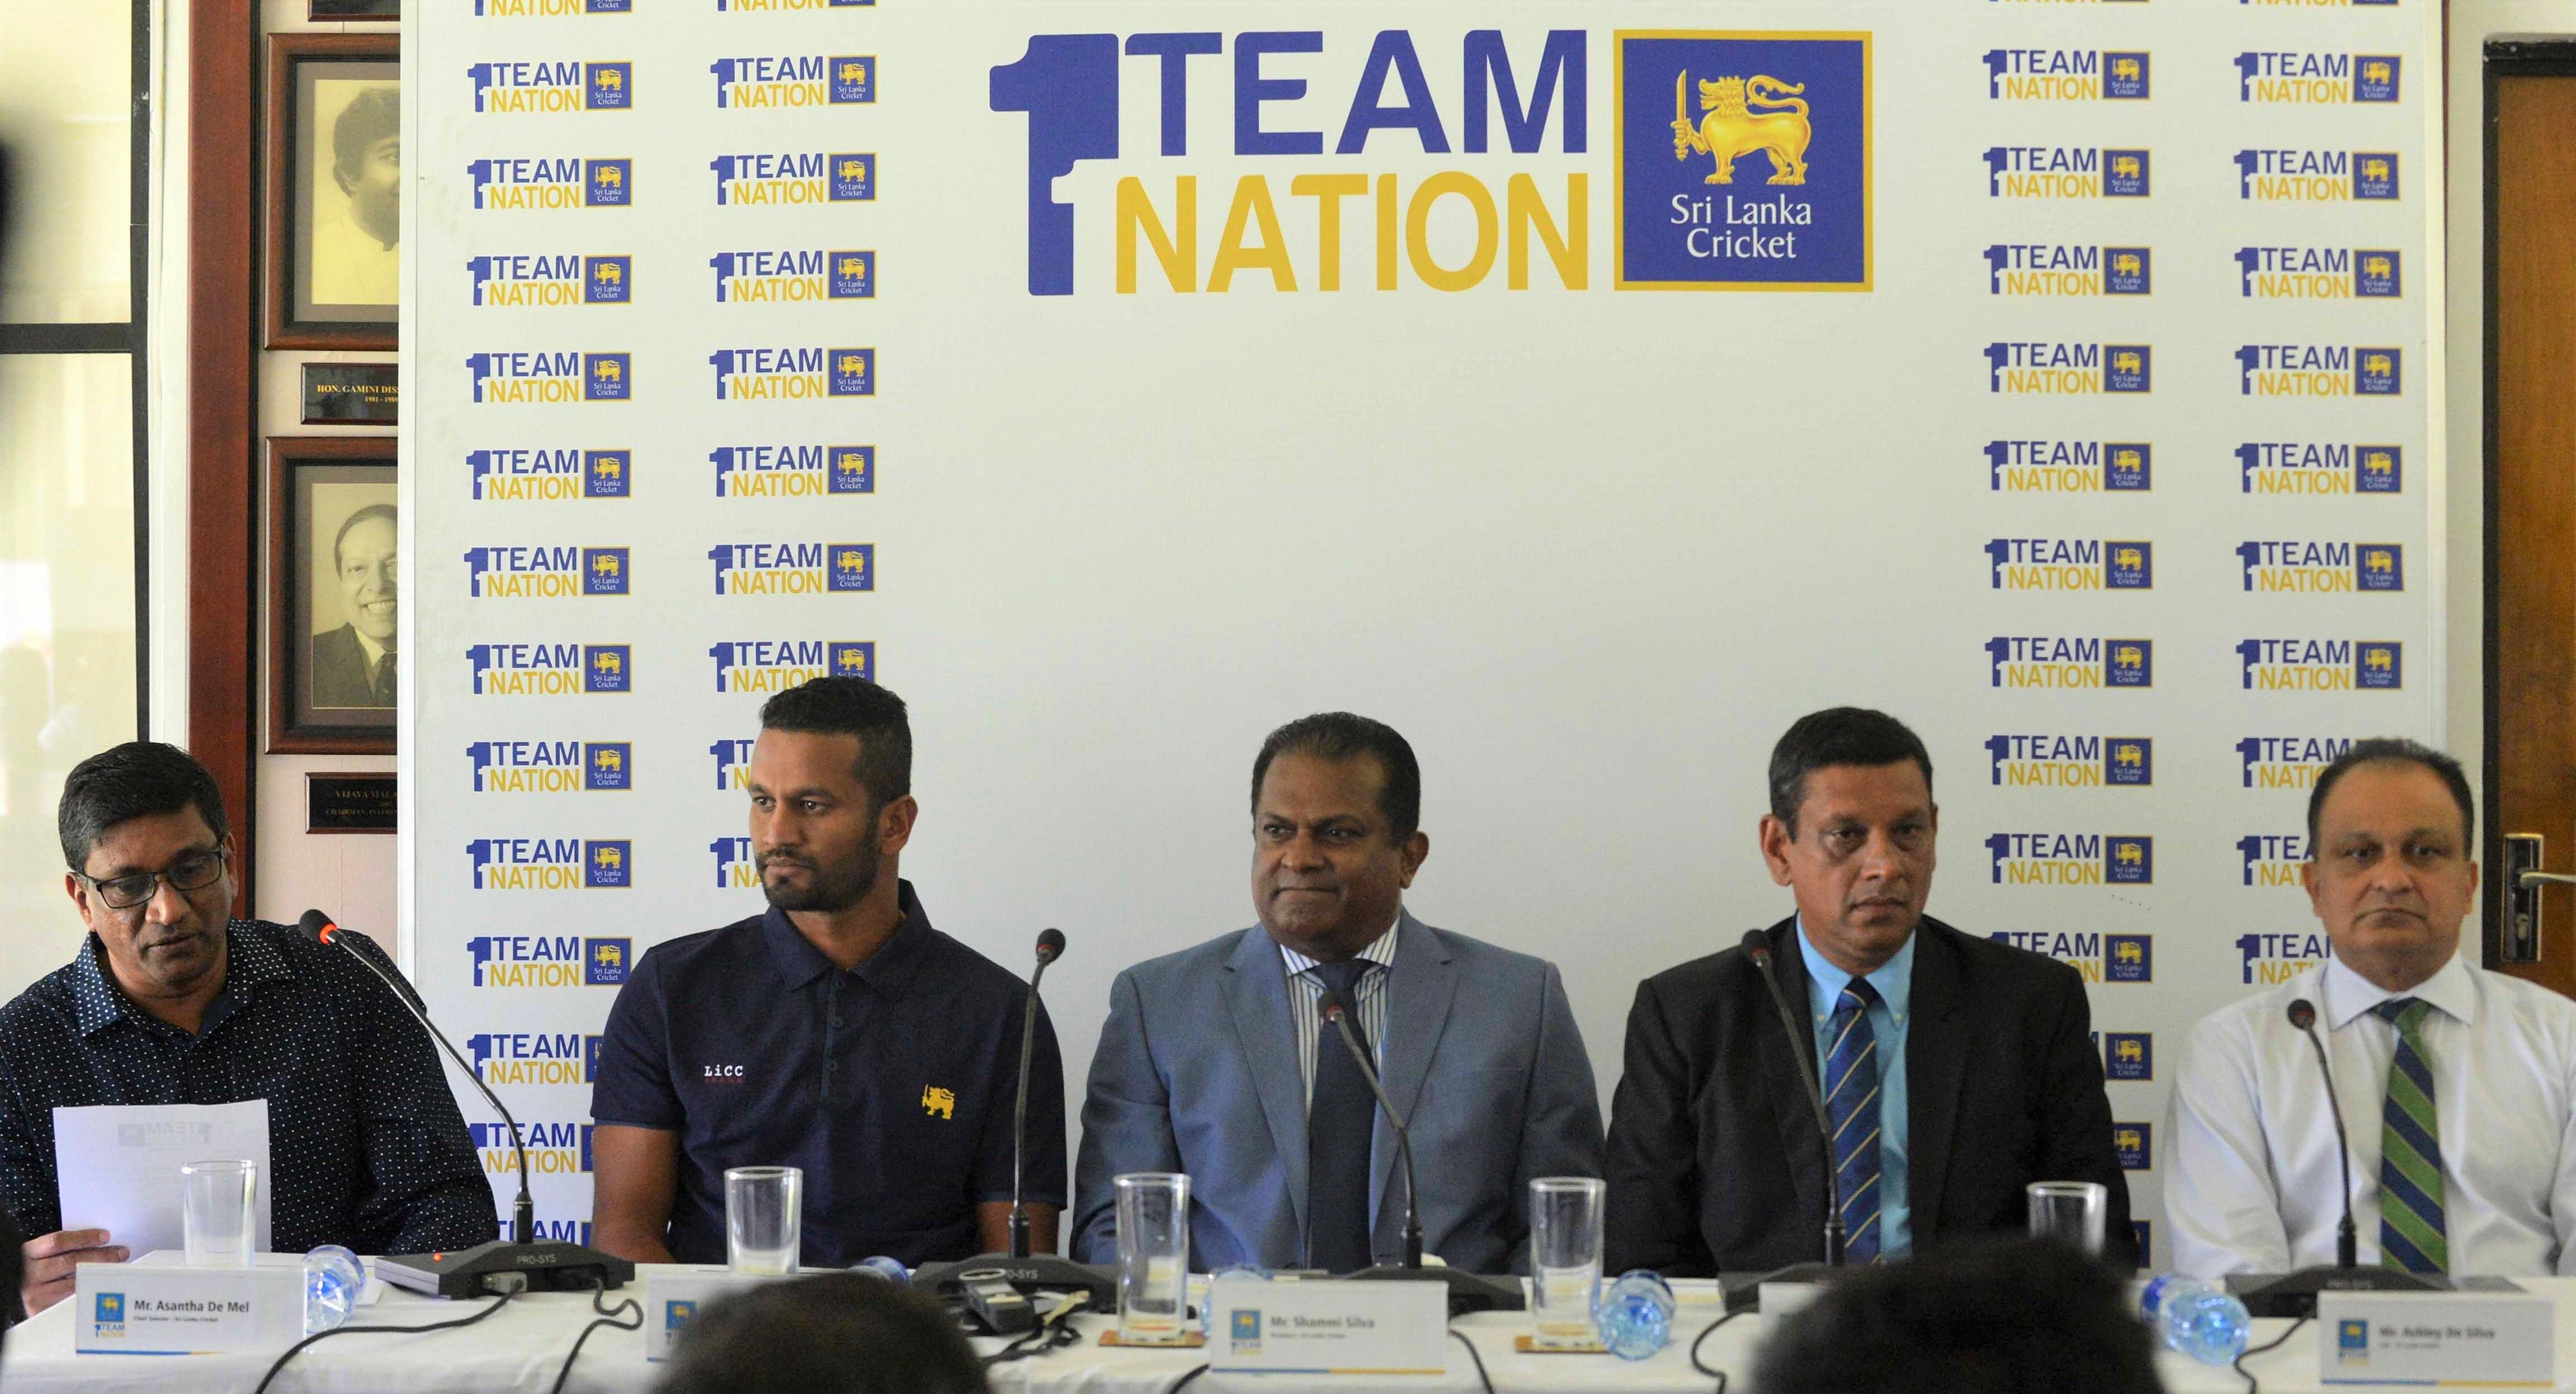 Sri Lanka Cricket officials